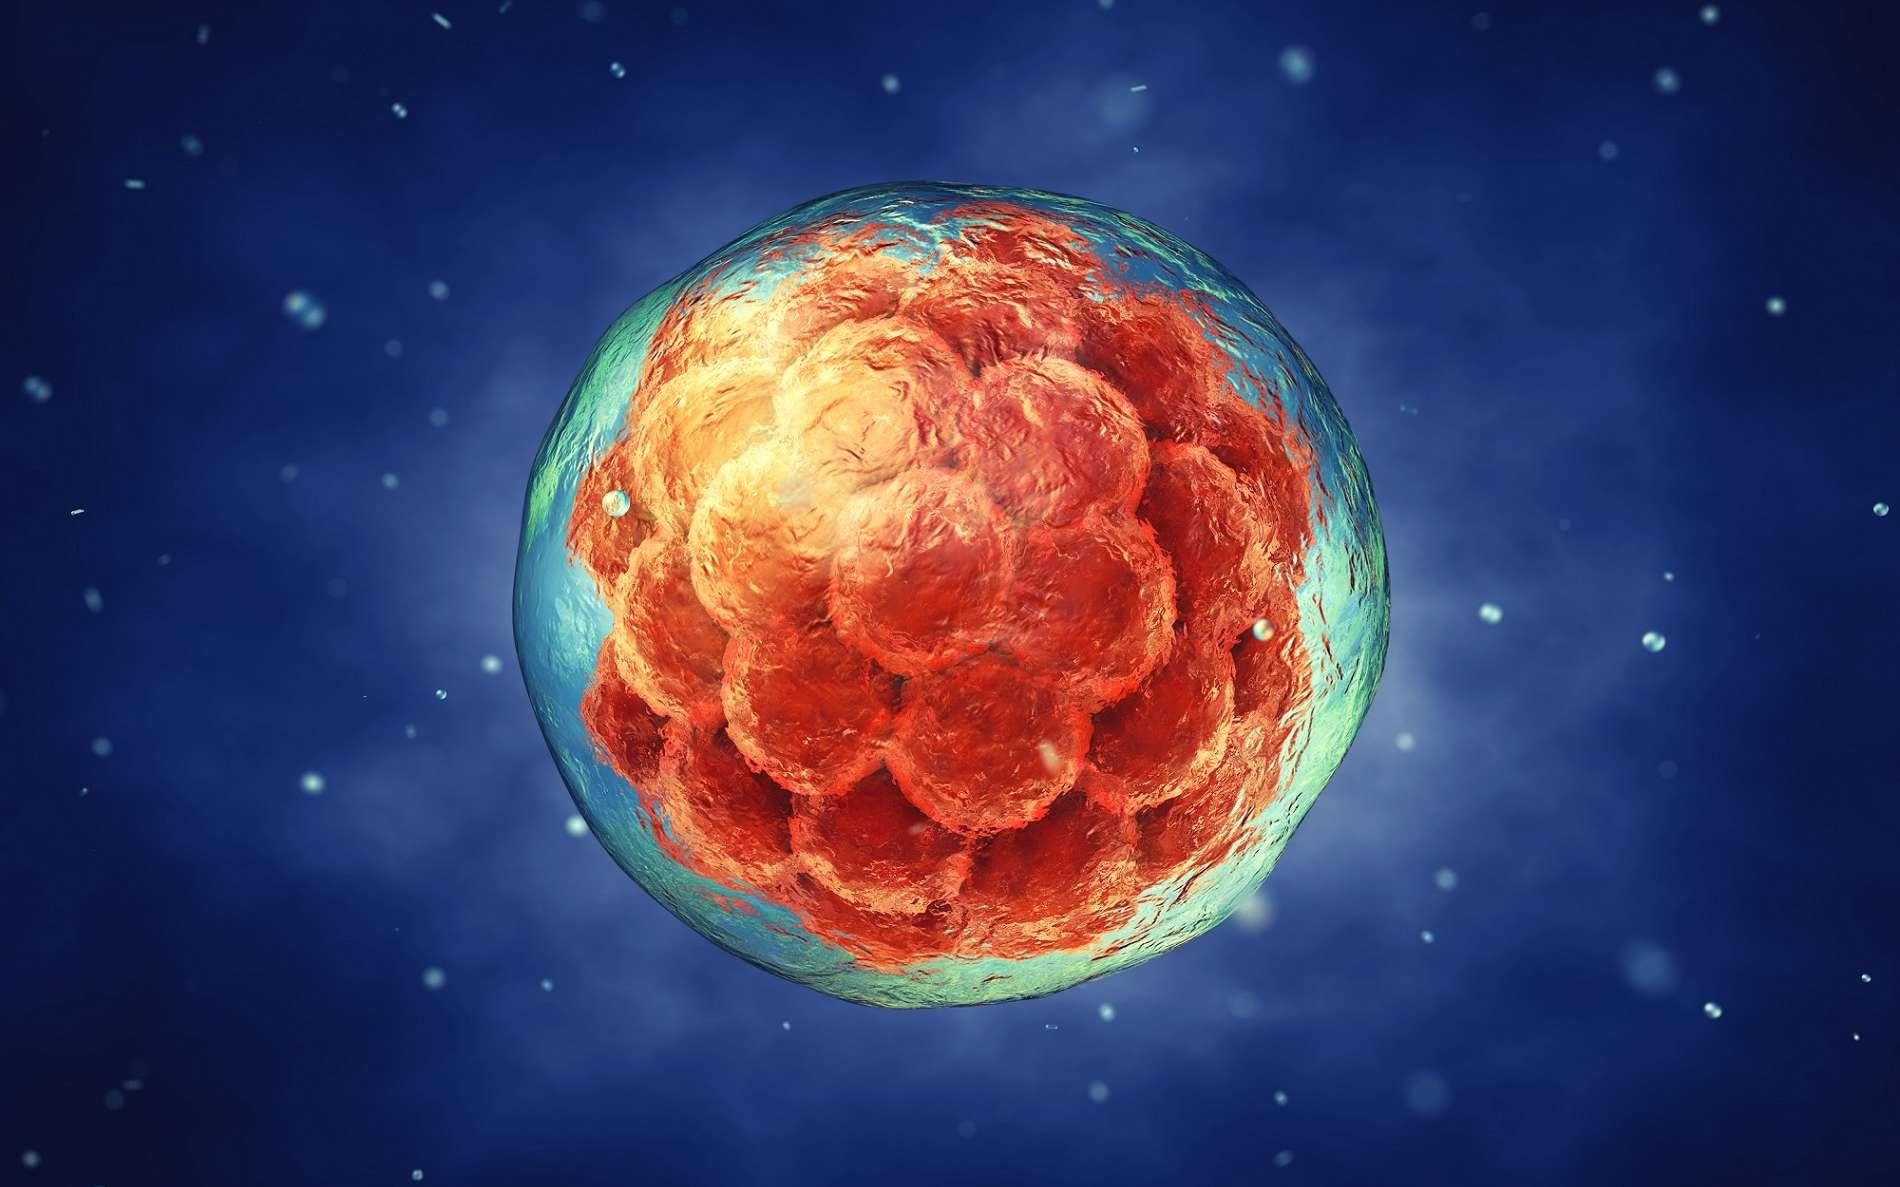 Les cellules d'un embryon sont capables de donner tous les types cellulaires : ce sont des cellules souches pluripotentes. © nobeastsofierce, Shutterstock